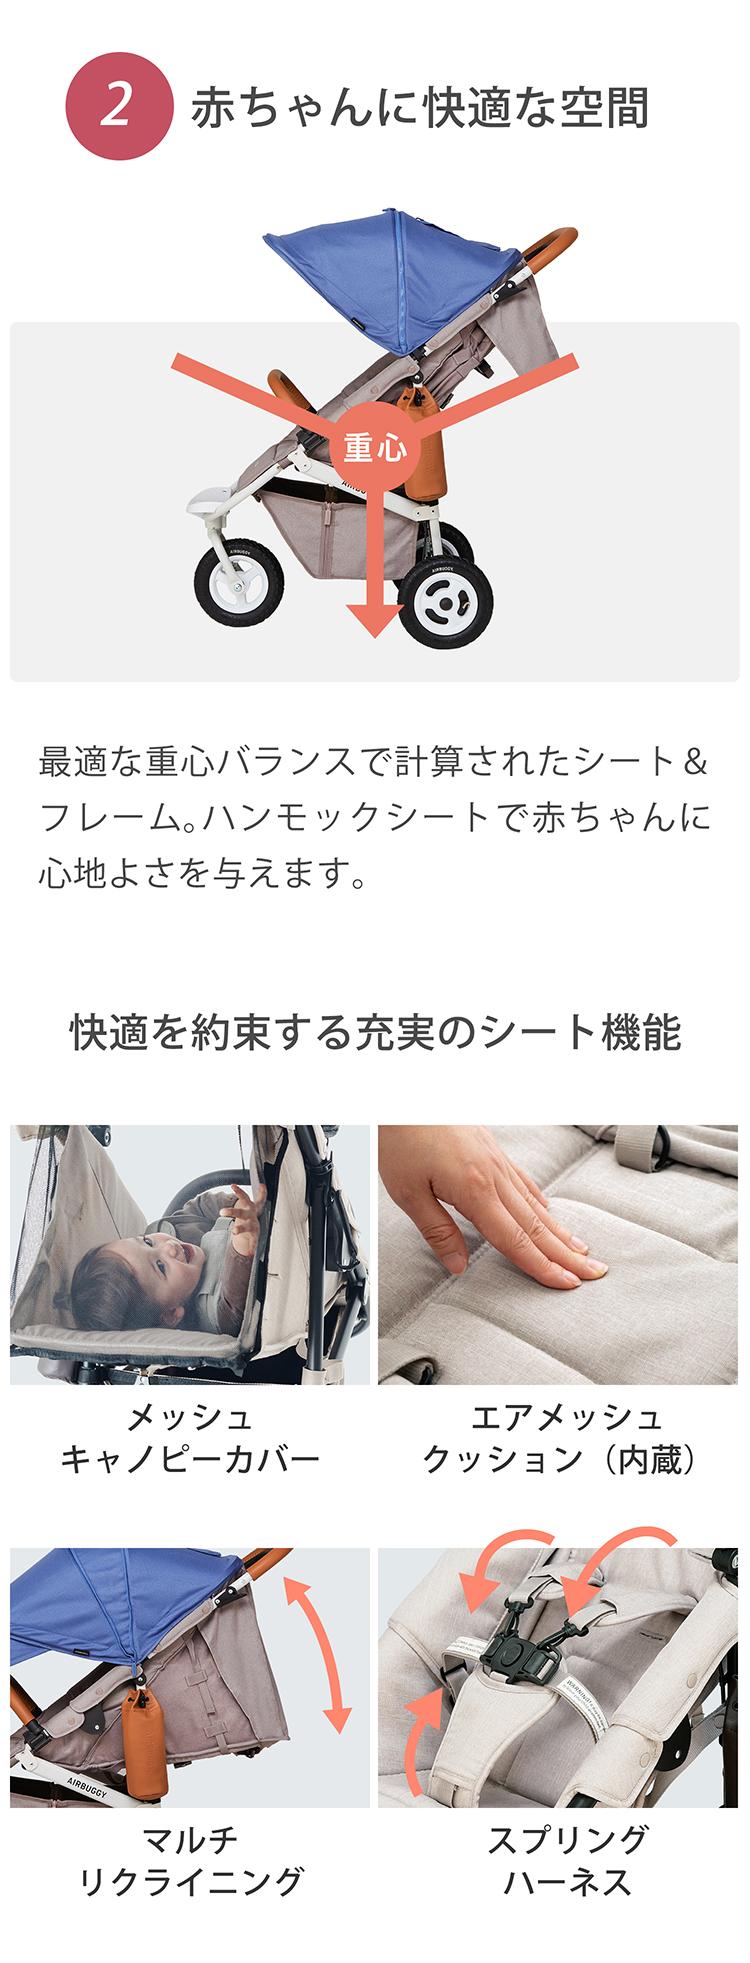 新生児から使えるベビーカーエアバギー「ココプレミアフロムバース」の商品ページ3